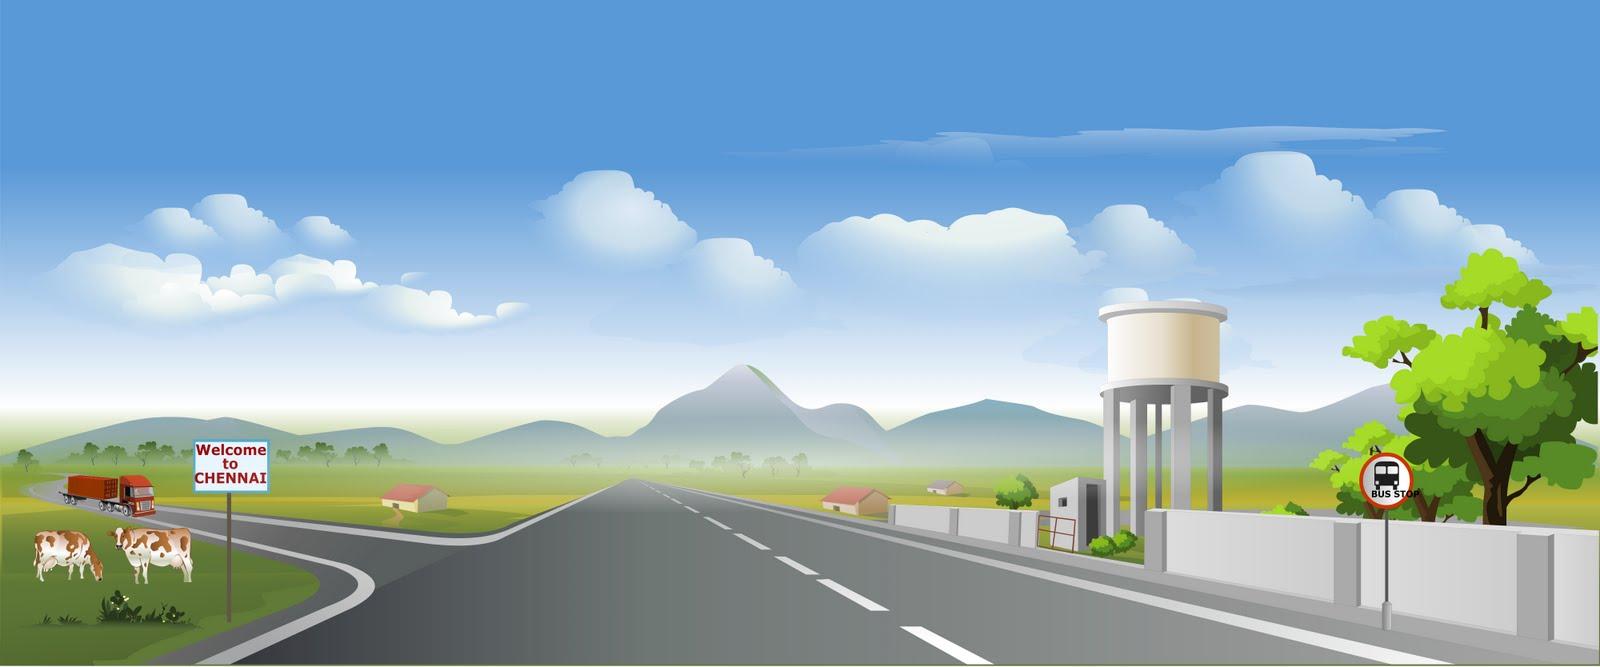 Animation Backgrounds freelance Flash Animation Background 1600x667